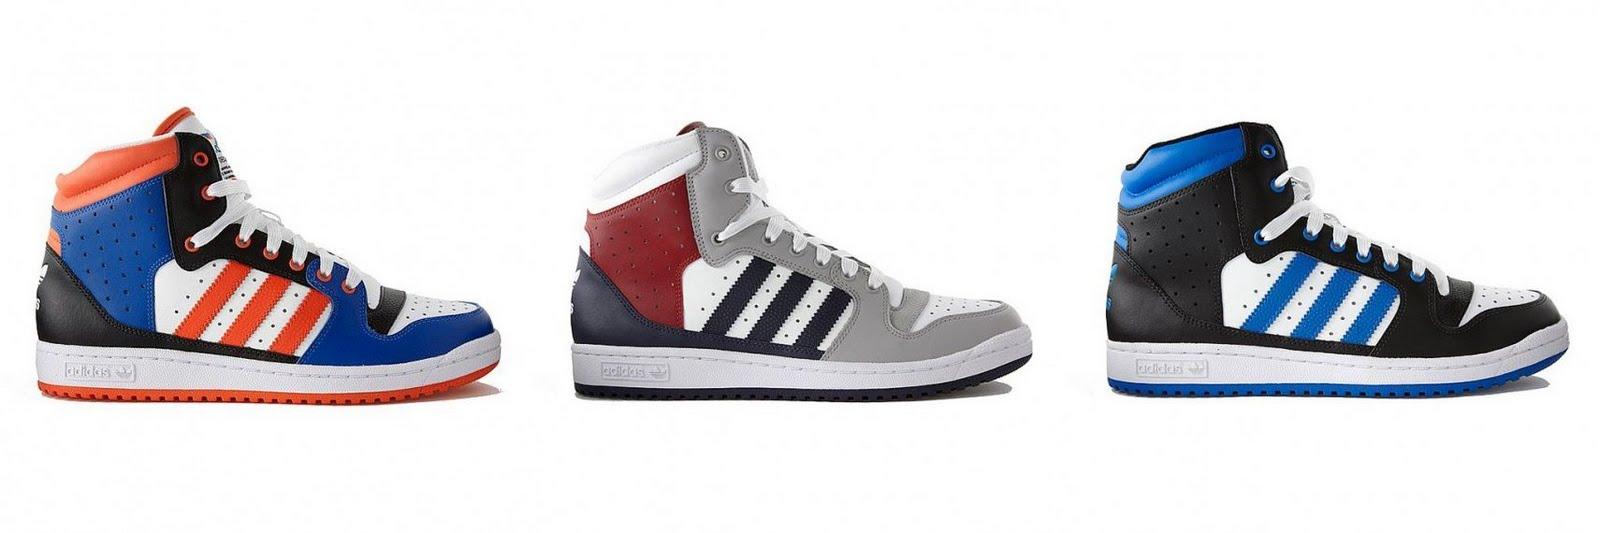 ... adidas Originals Decade B-Ball Pack ... 624873e354